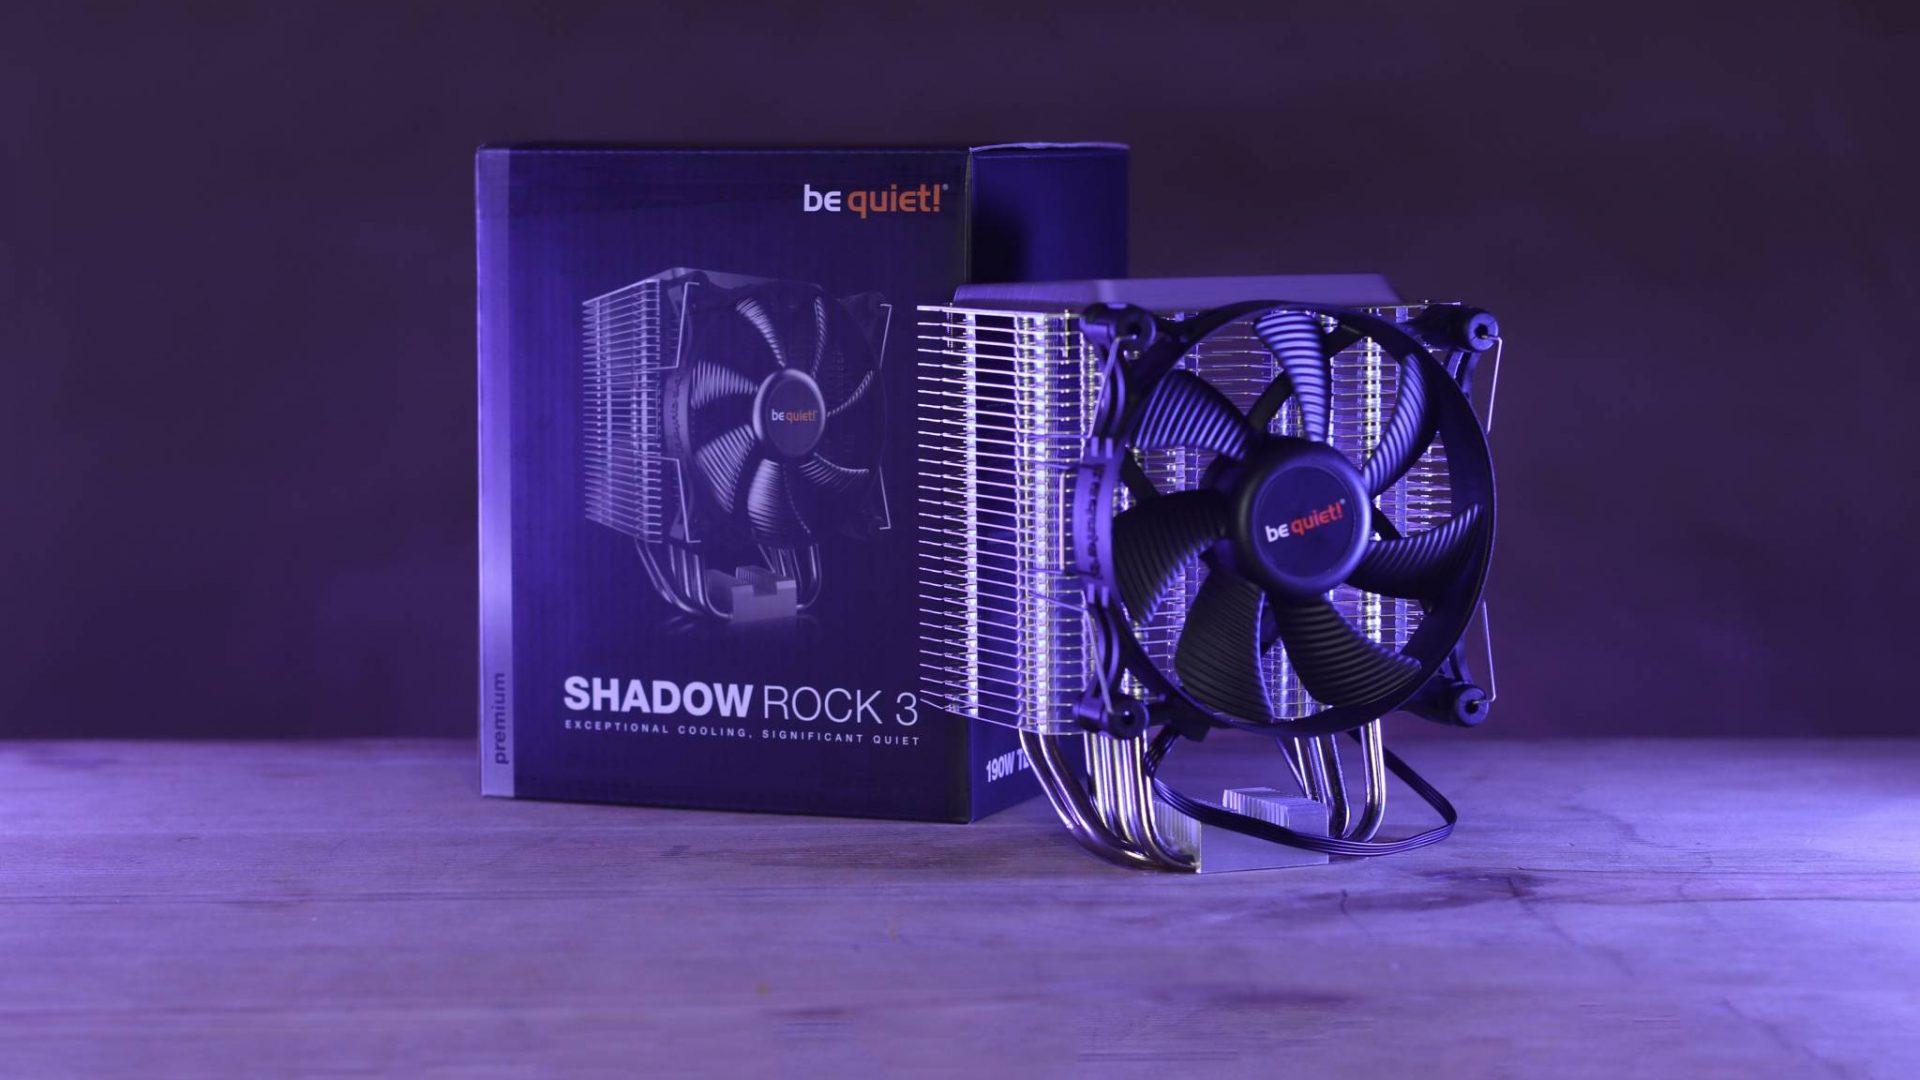 BeQuiet-Shadow-Rock-3